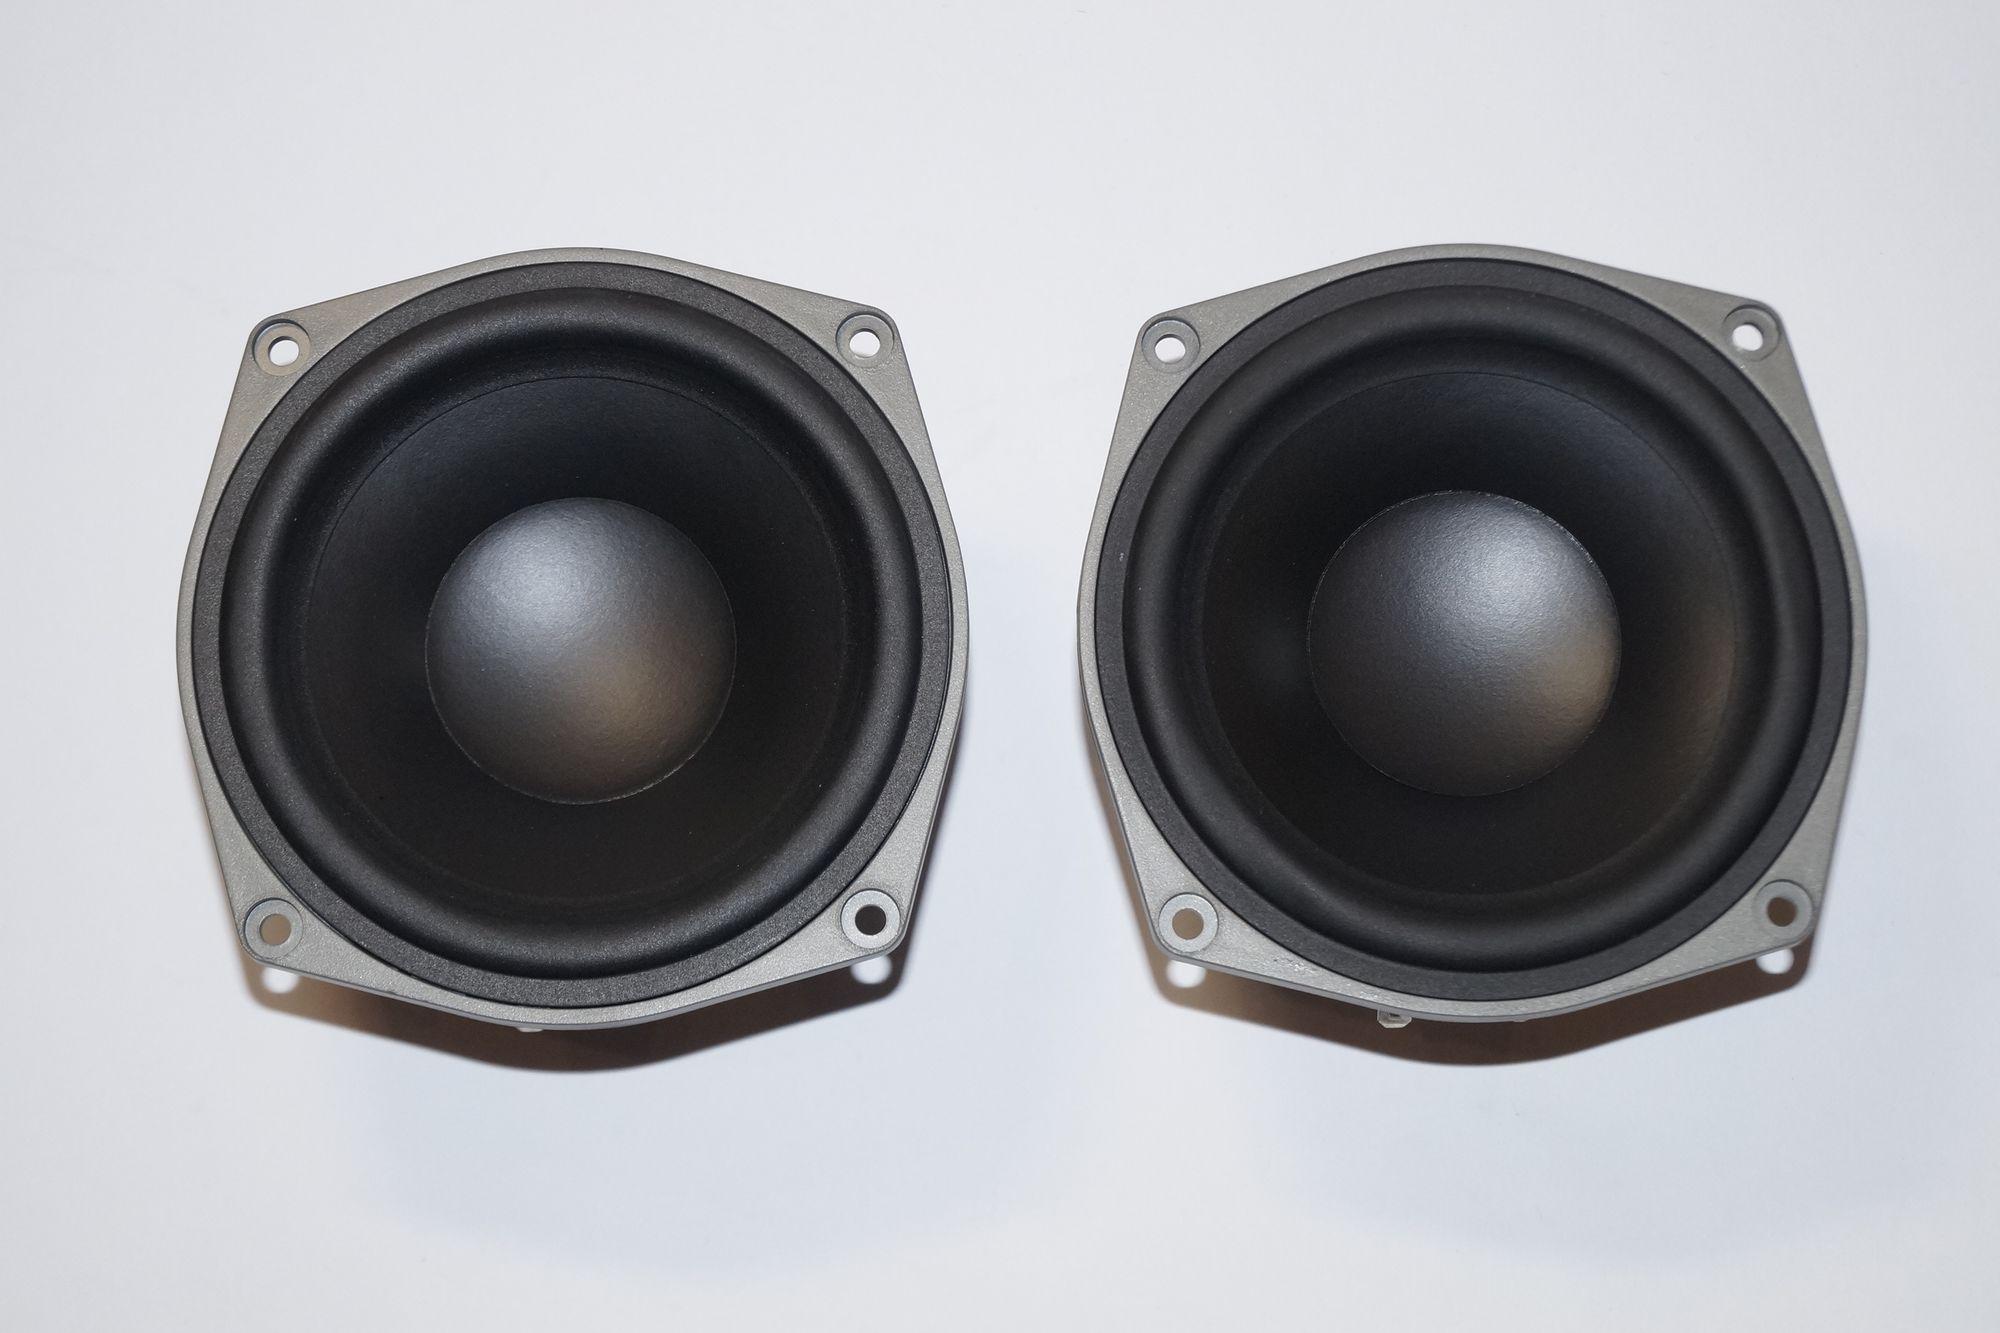 1 Paar Magnat W110 CP 880 Tiefmitteltöner 150 Watt max., NEU 001